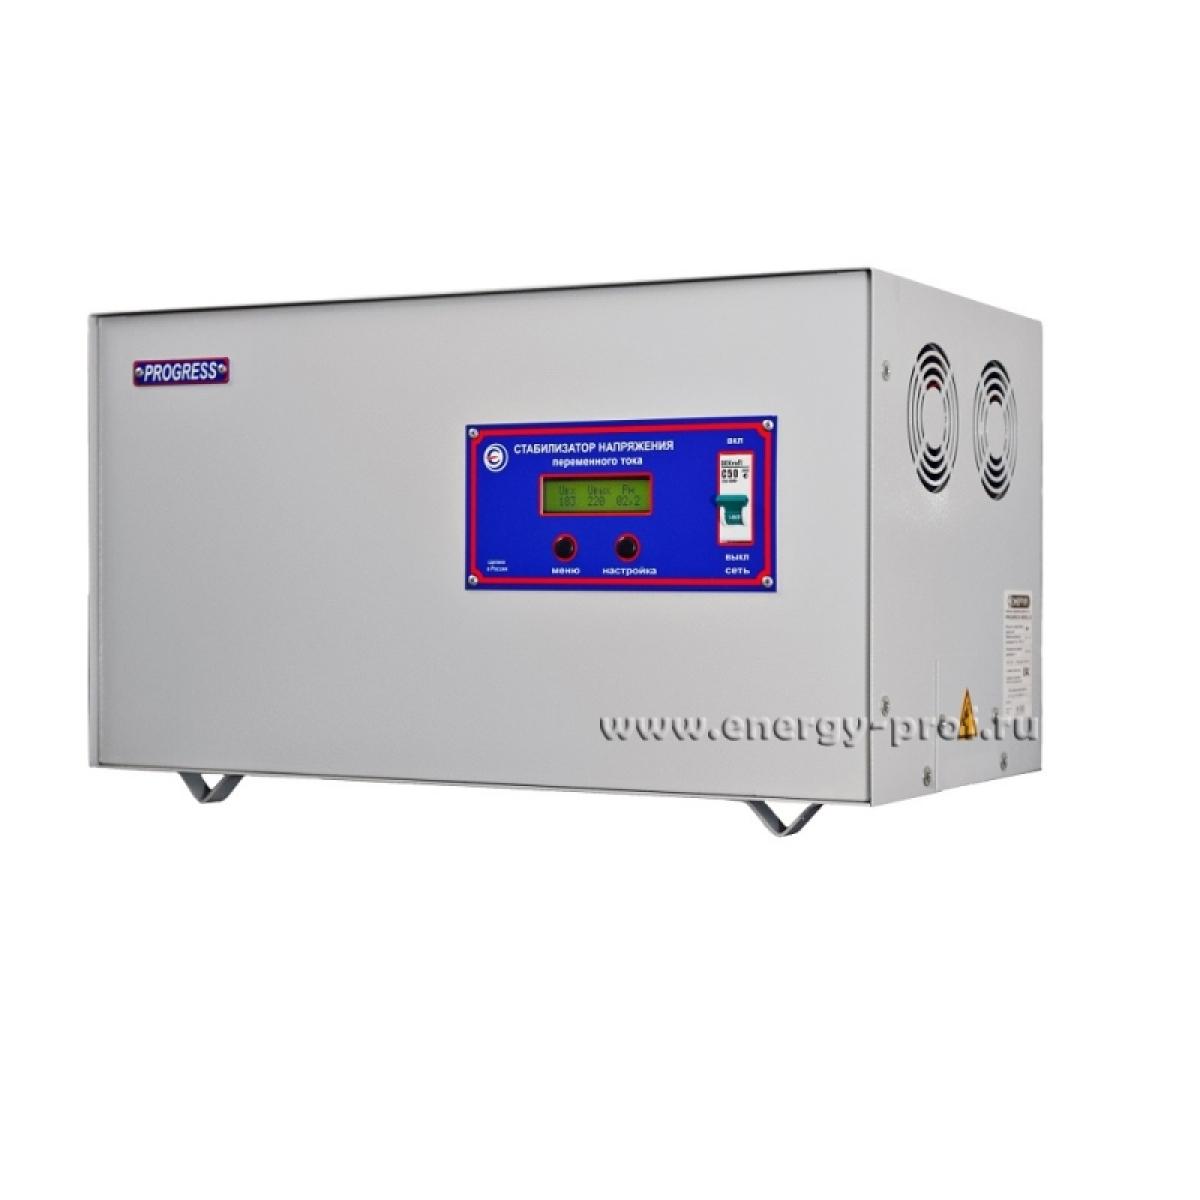 Однофазный стабилизатор PROGRESS 10000T-20